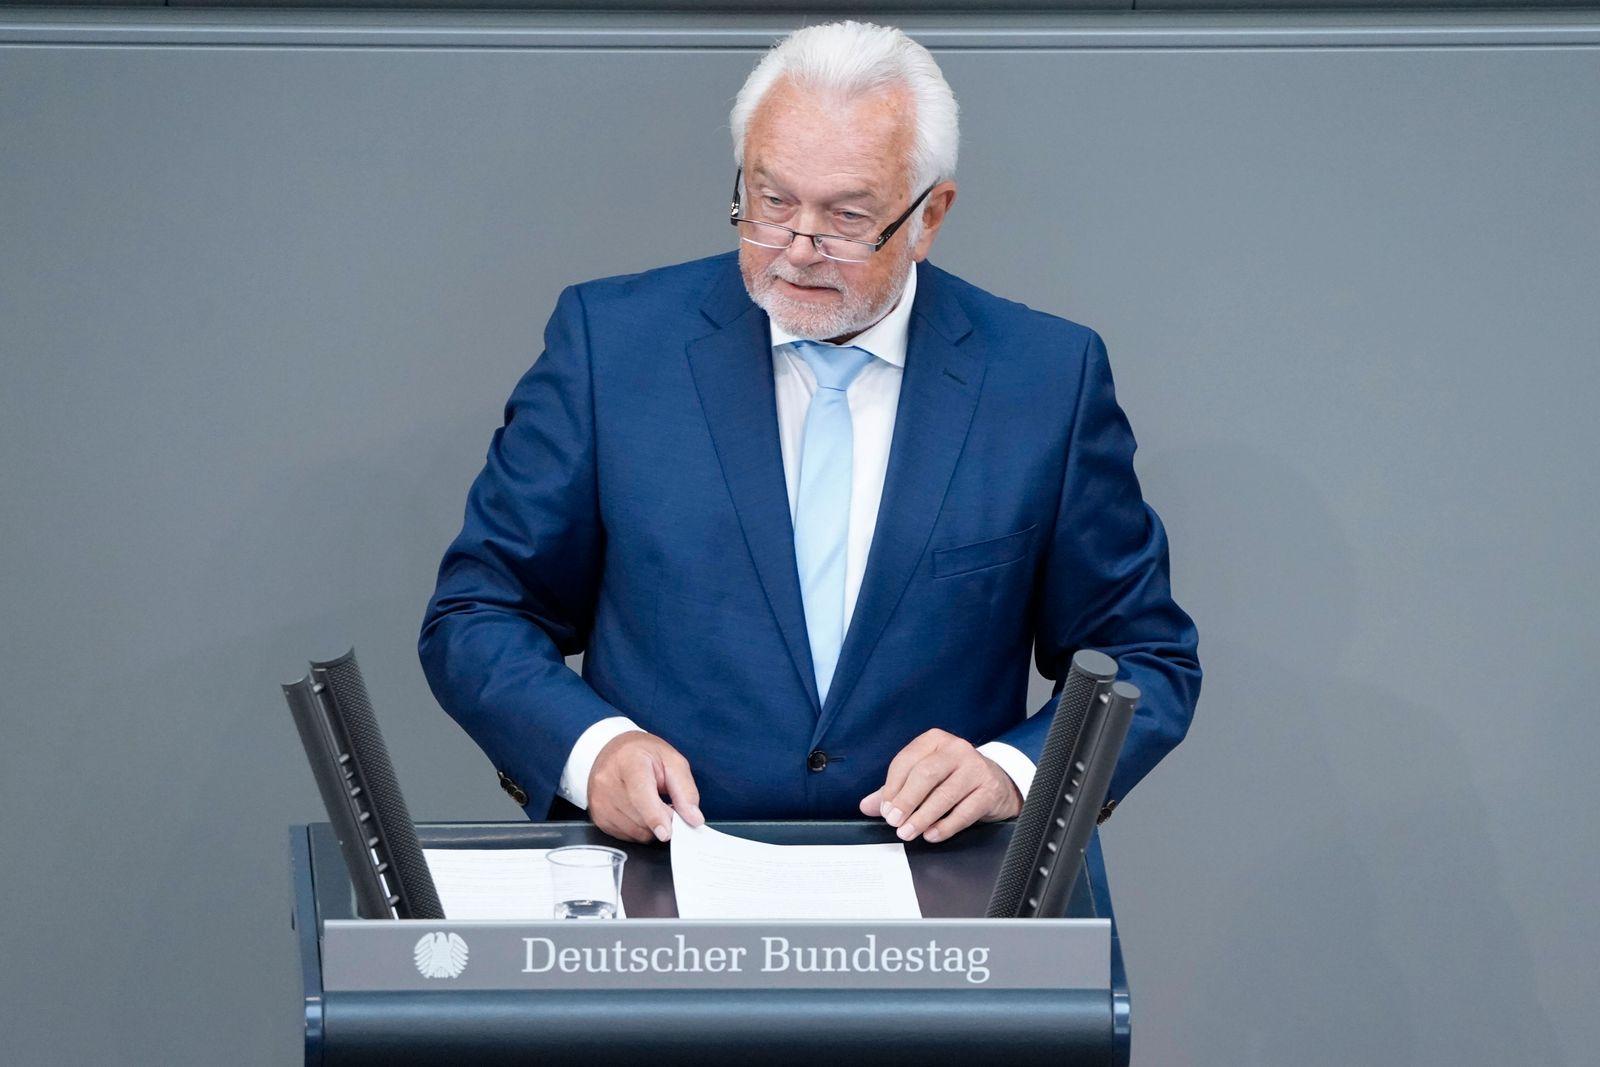 239. Bundestagssitzung und Debatte Aktuell, 07.09.2021, Berlin, Wolfgang Kubicki im Portrait bei seiner Rede Sondervermo